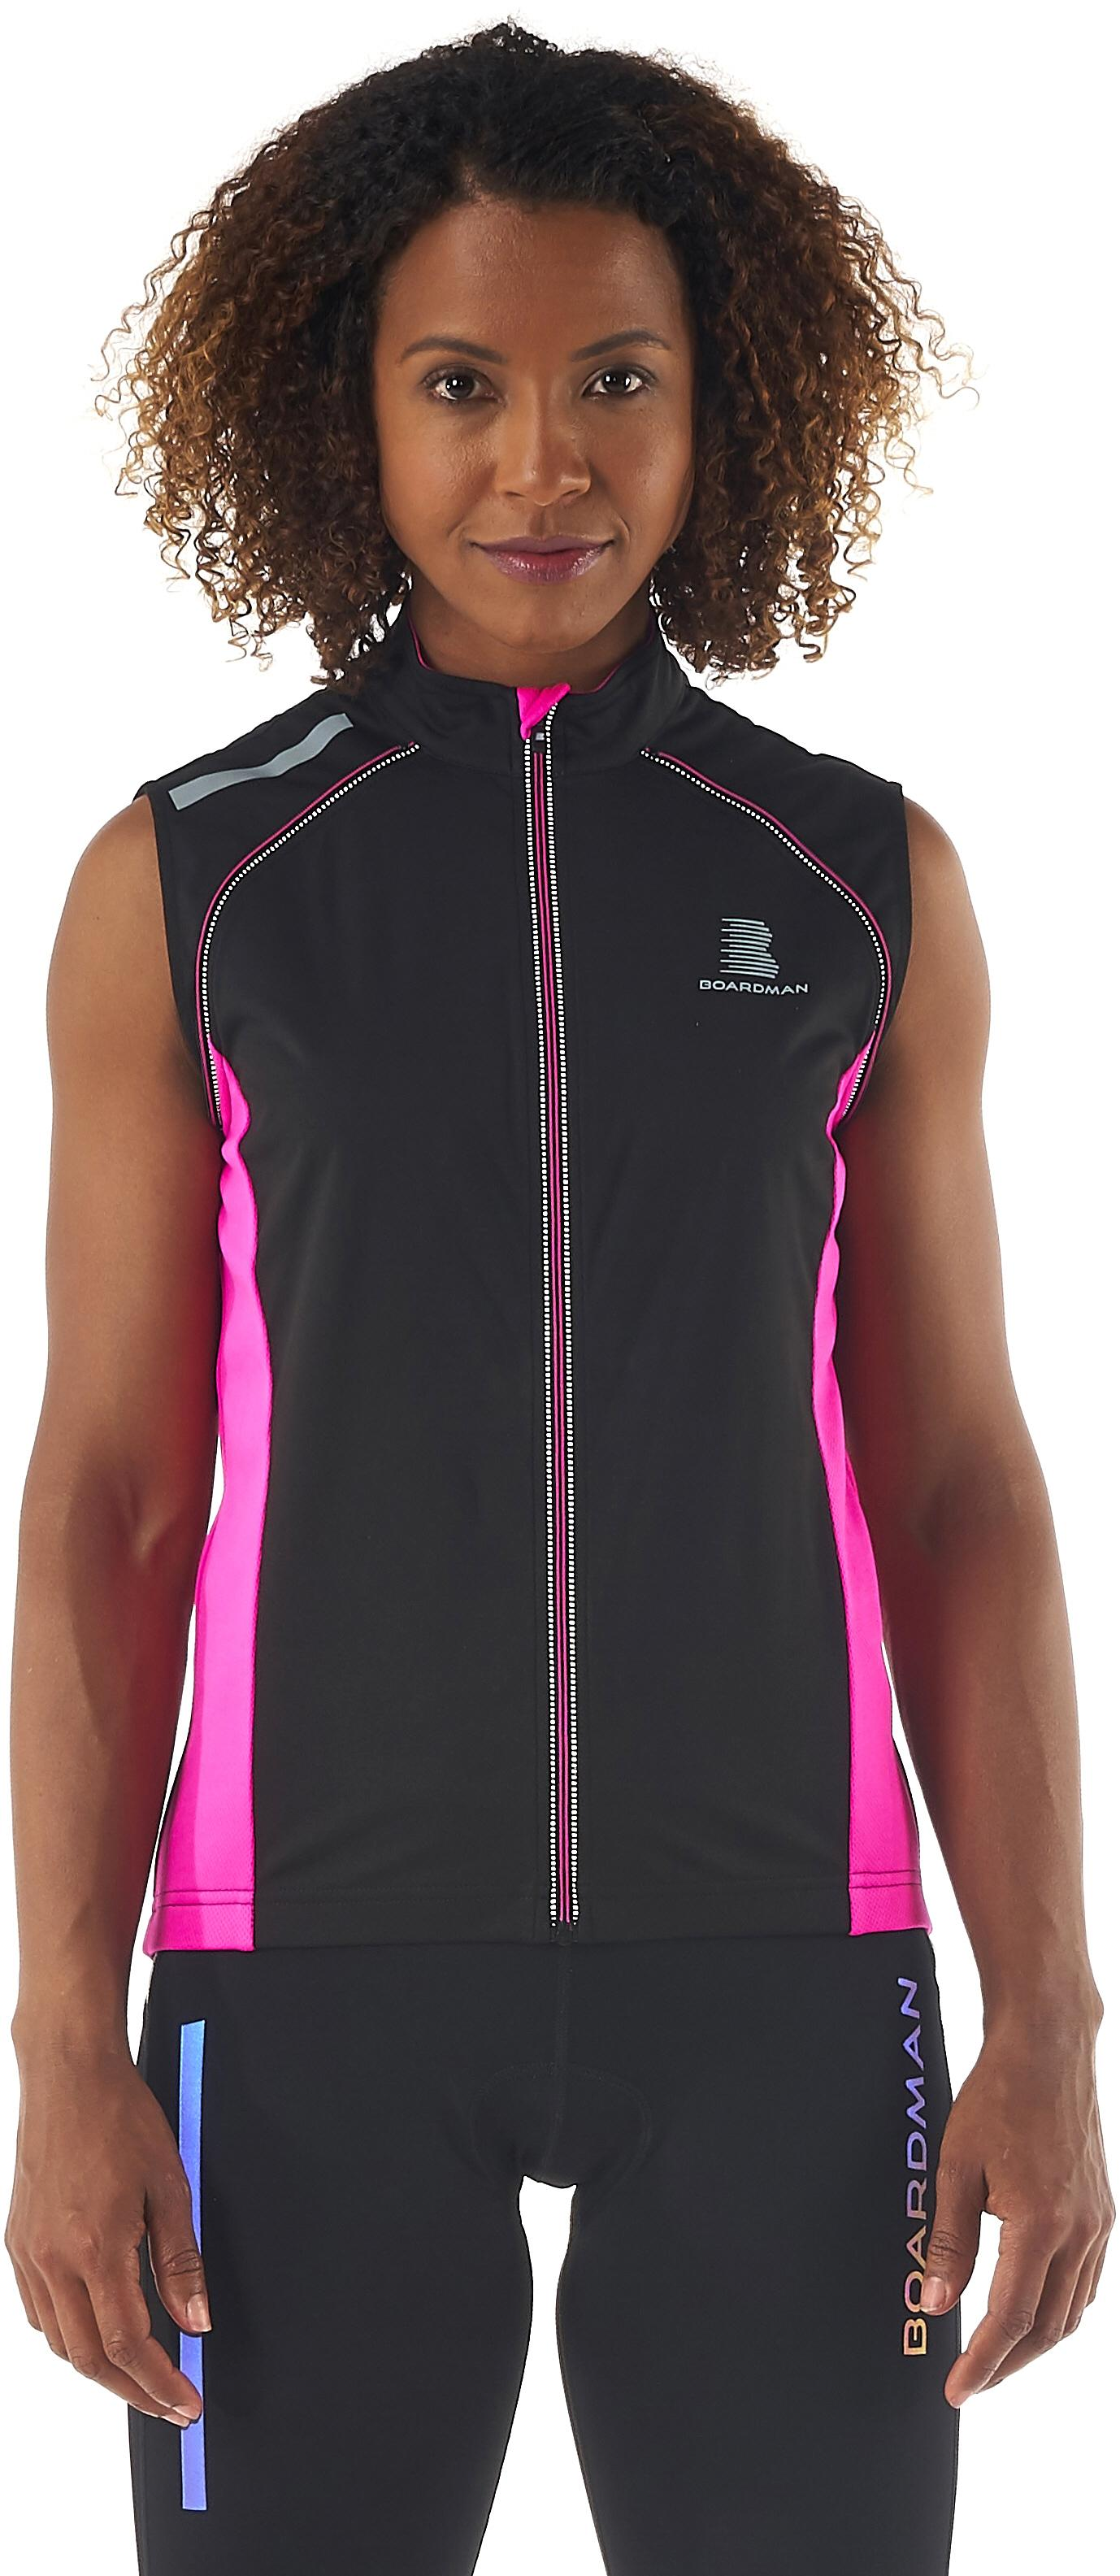 Boardman Womens Windproof Removable Long Sleeve Zip Cycling Jacket